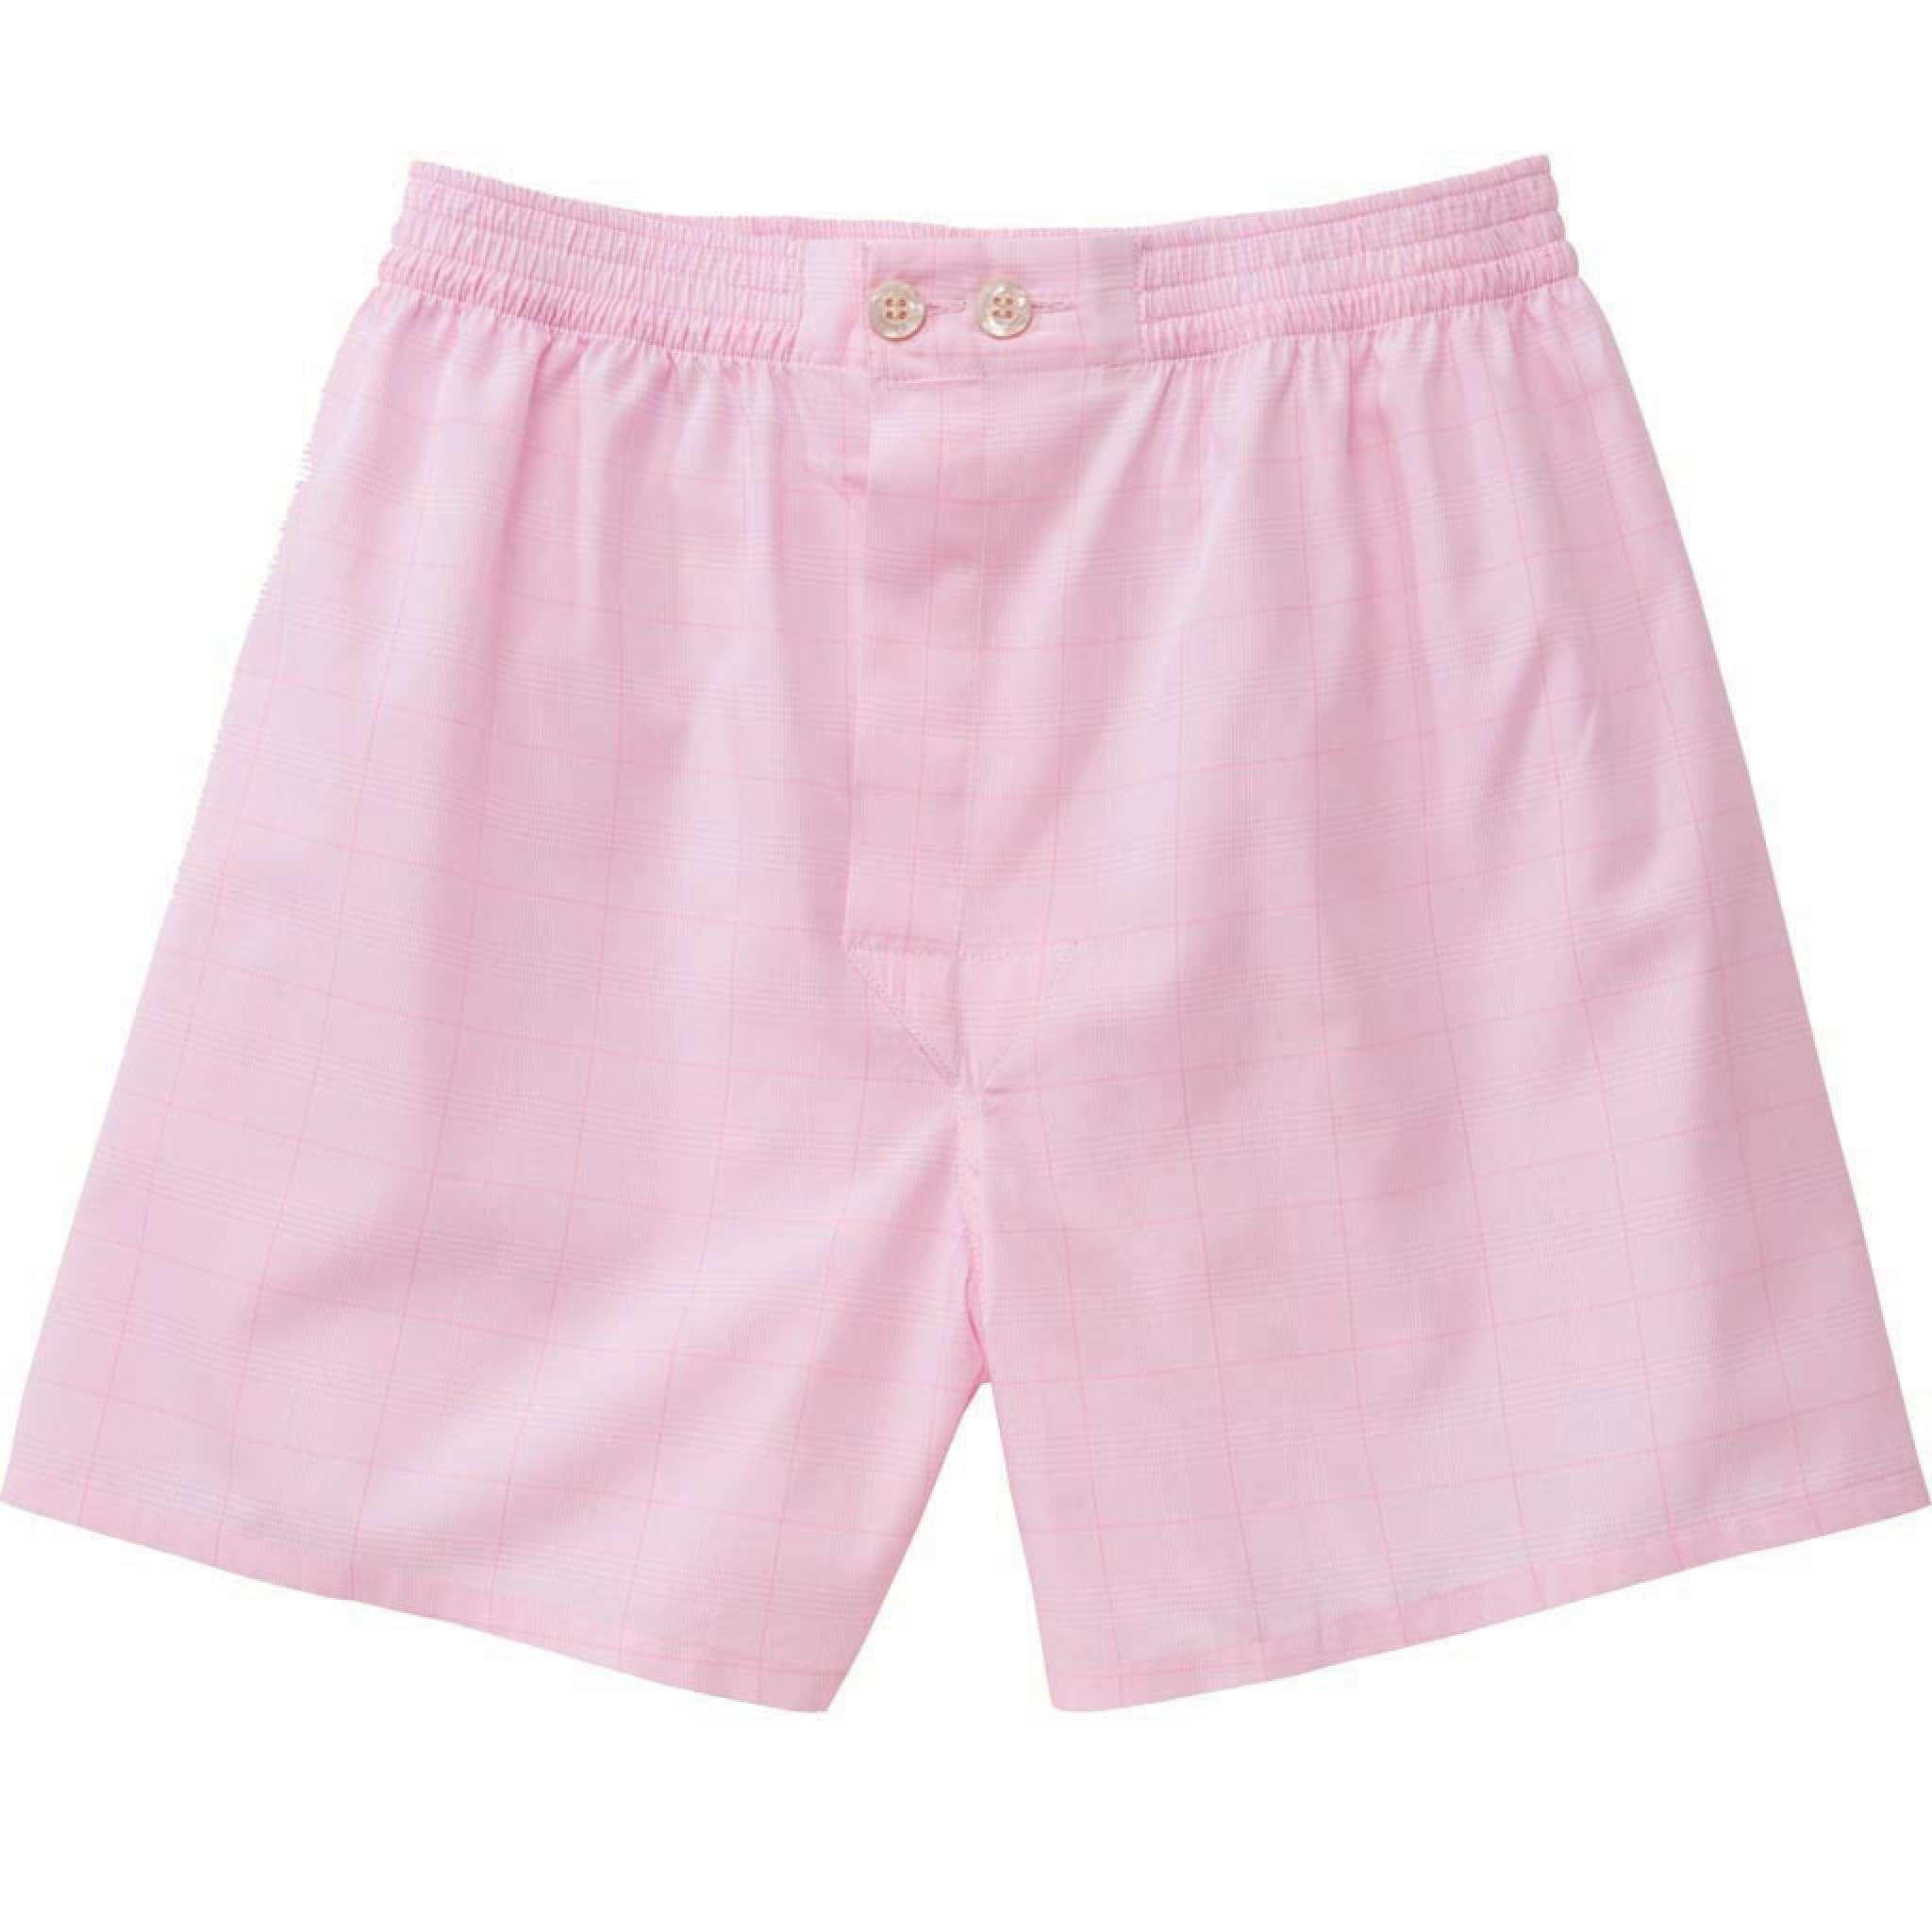 Ekstra shorts til pyjamas, barn